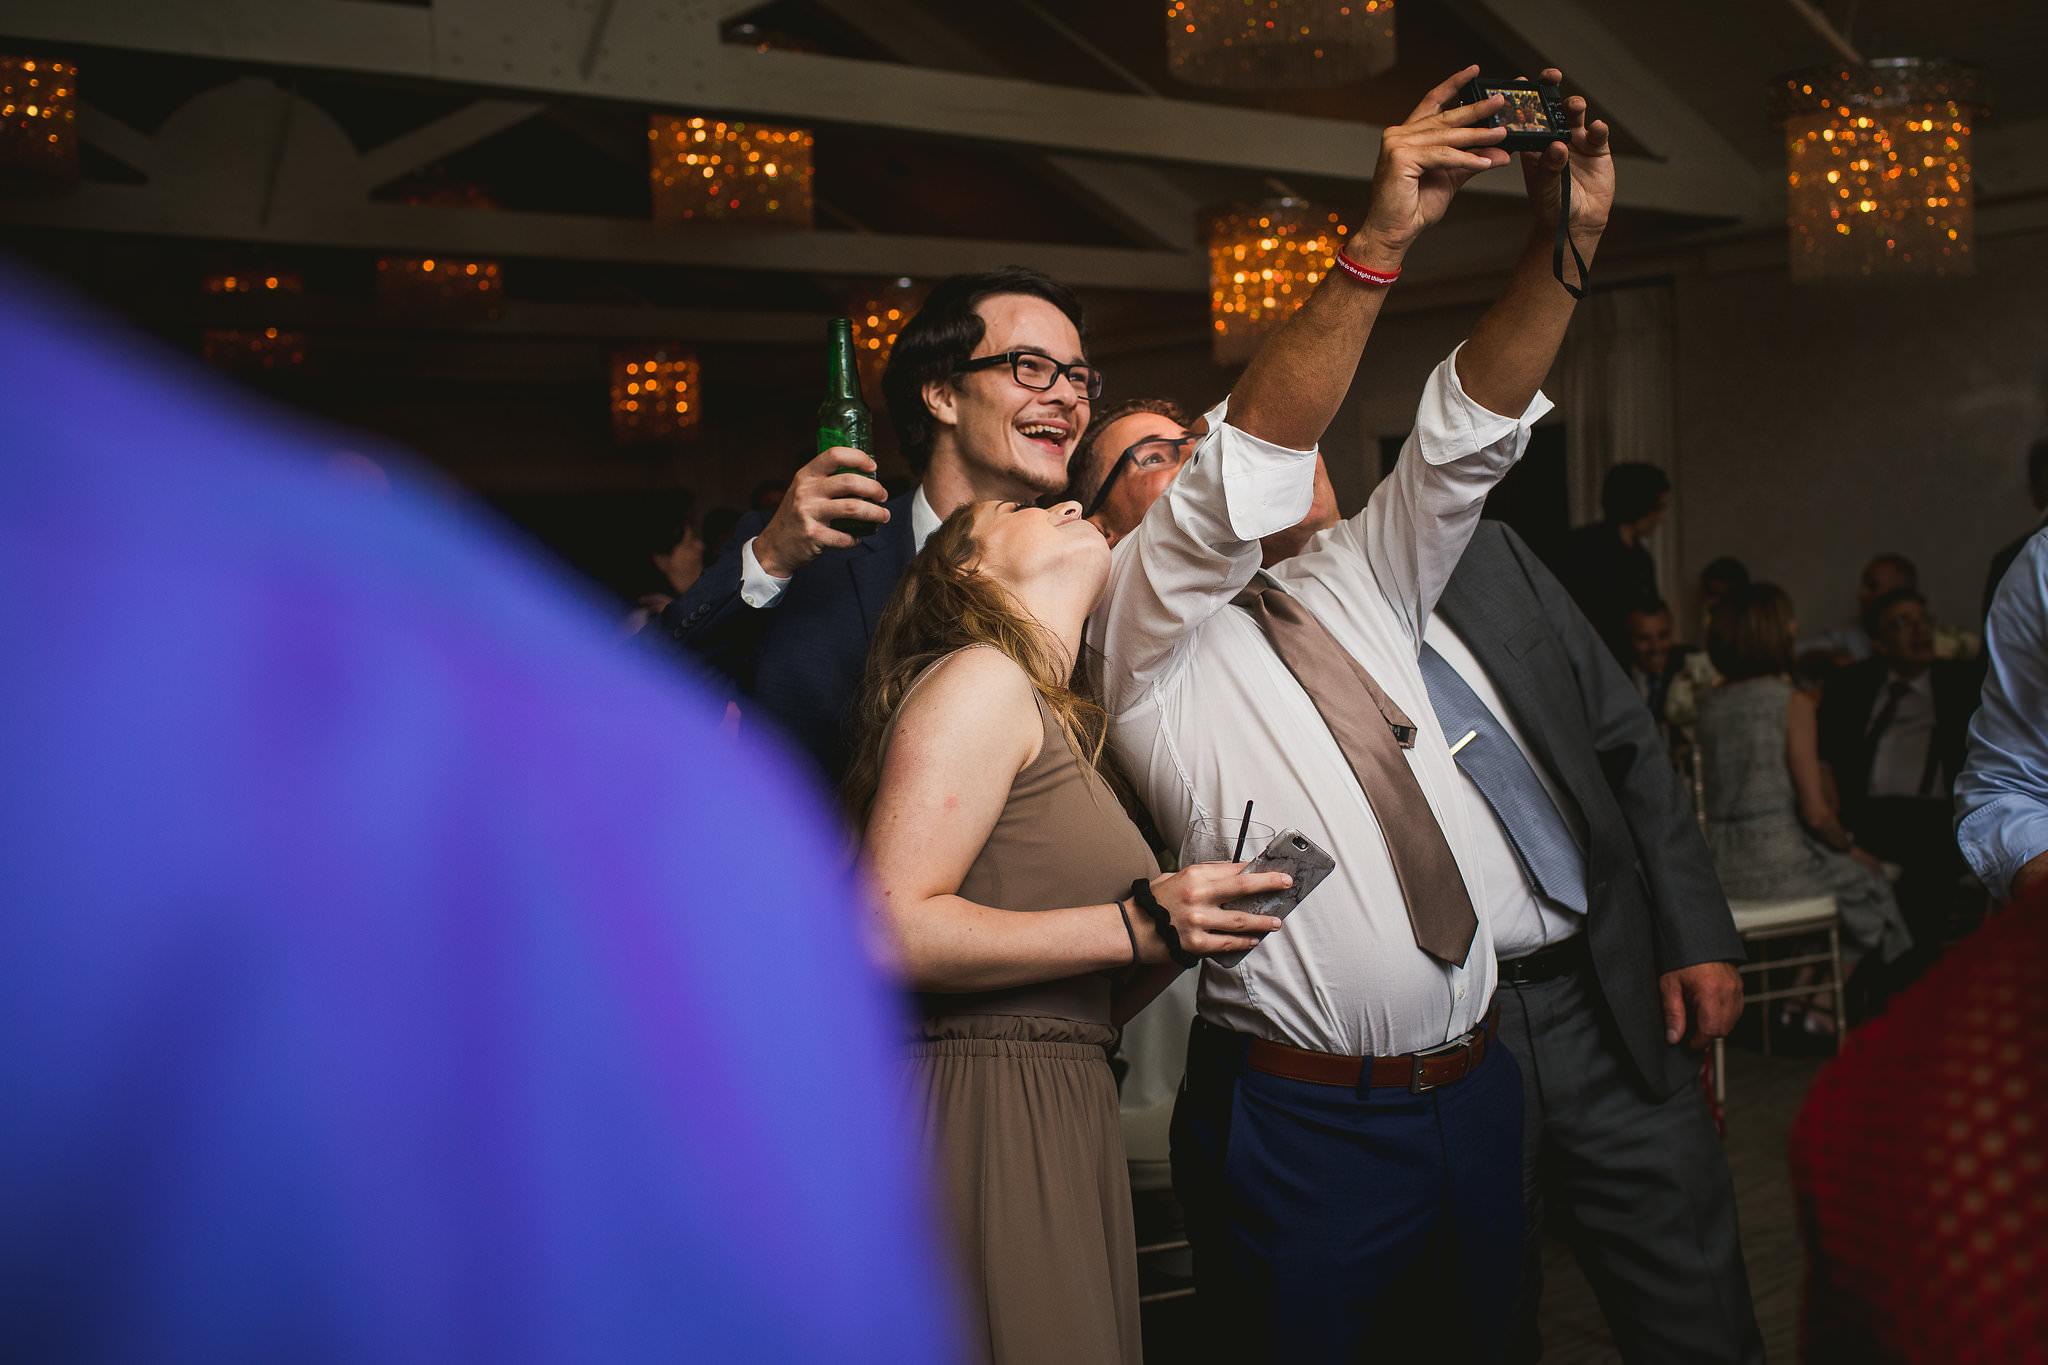 whistlebearweddingphotos 898 - Whistle Bear Wedding Photos